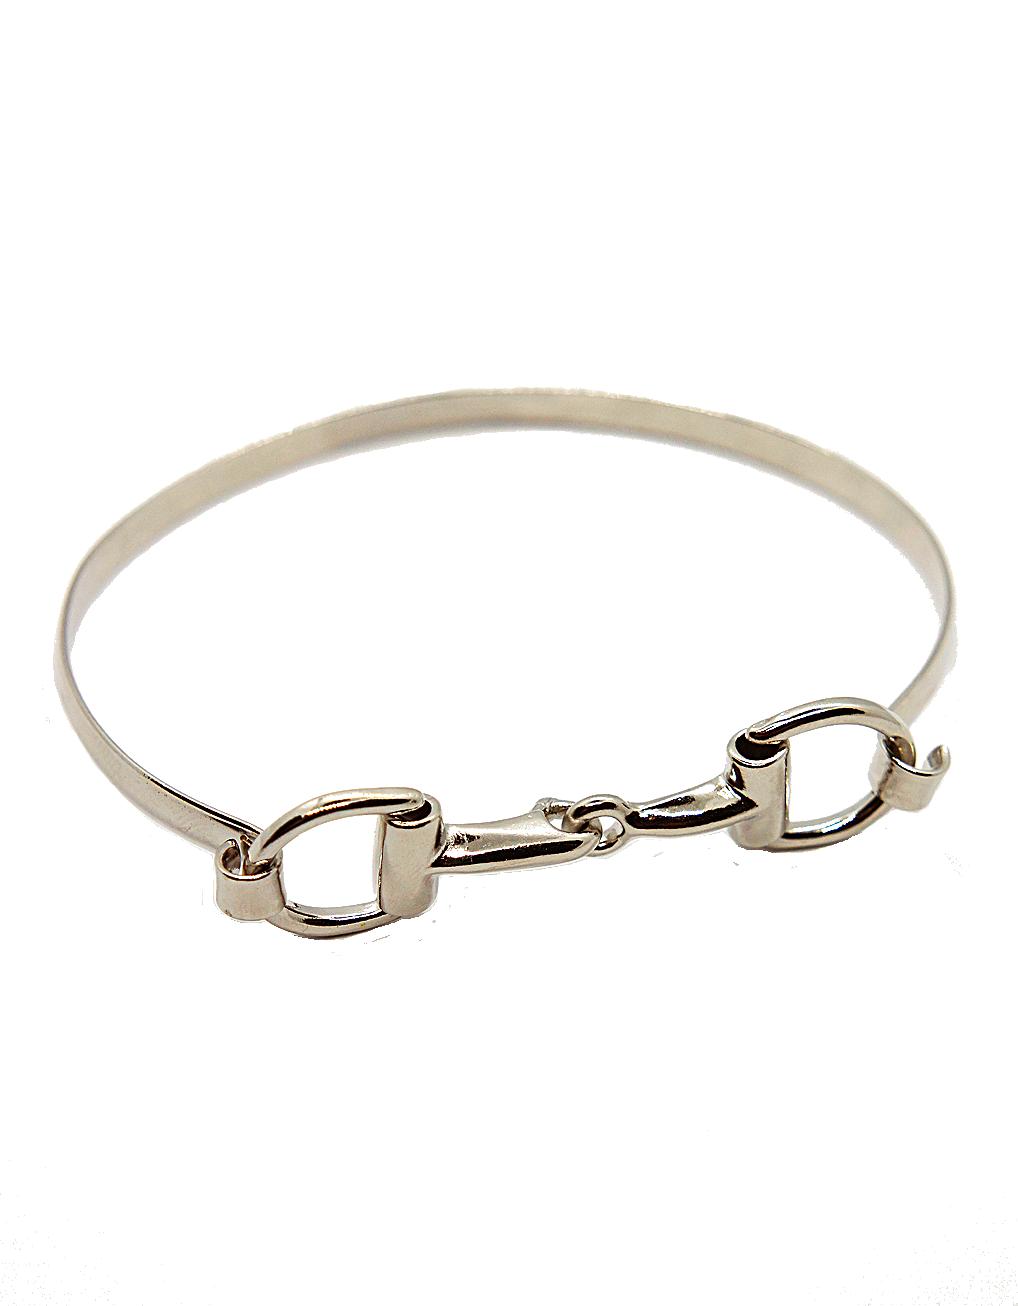 2d8cf8d2c7cd Bijoux bracelet équestre en mors de cheval